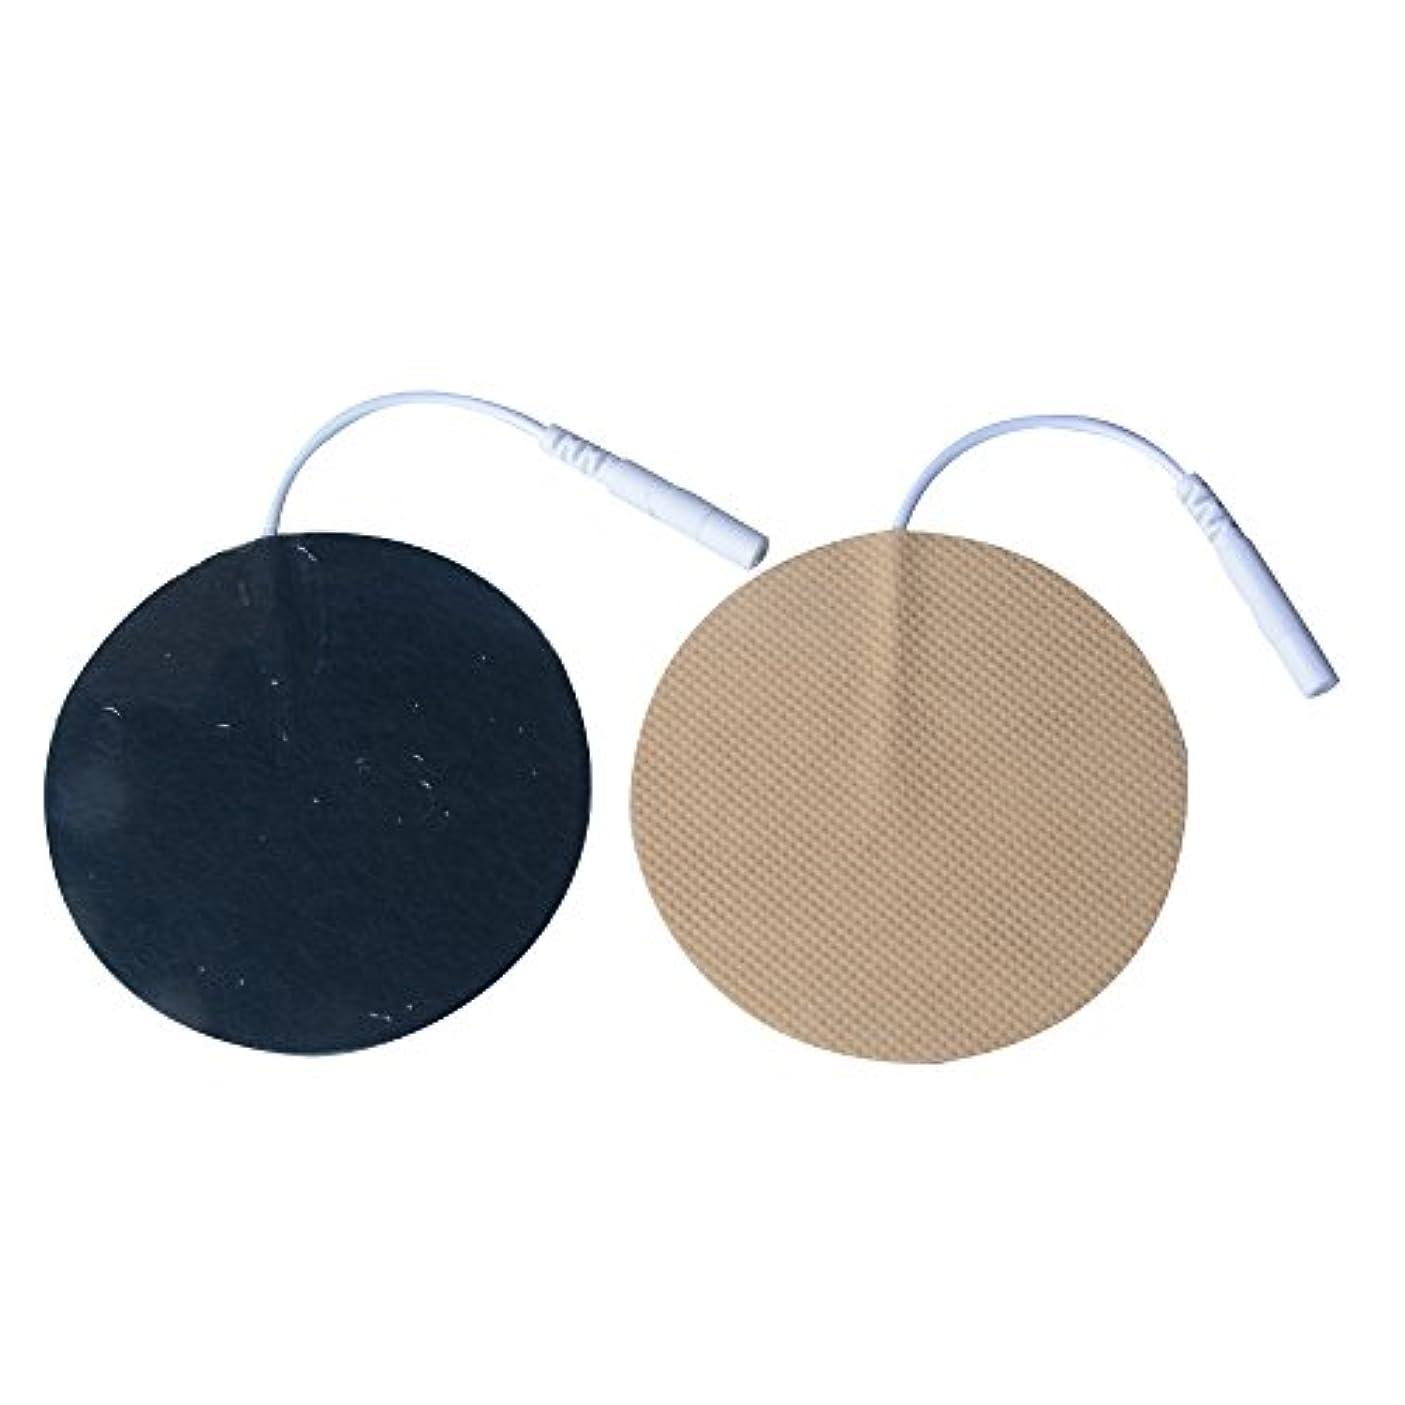 インストラクターアスリート優れたアクセルガード【EMS/TENS用粘着パッド】低周波用 電極パッド 粘着パッド 丸型 直径 7 cm 10ペア/20枚入り